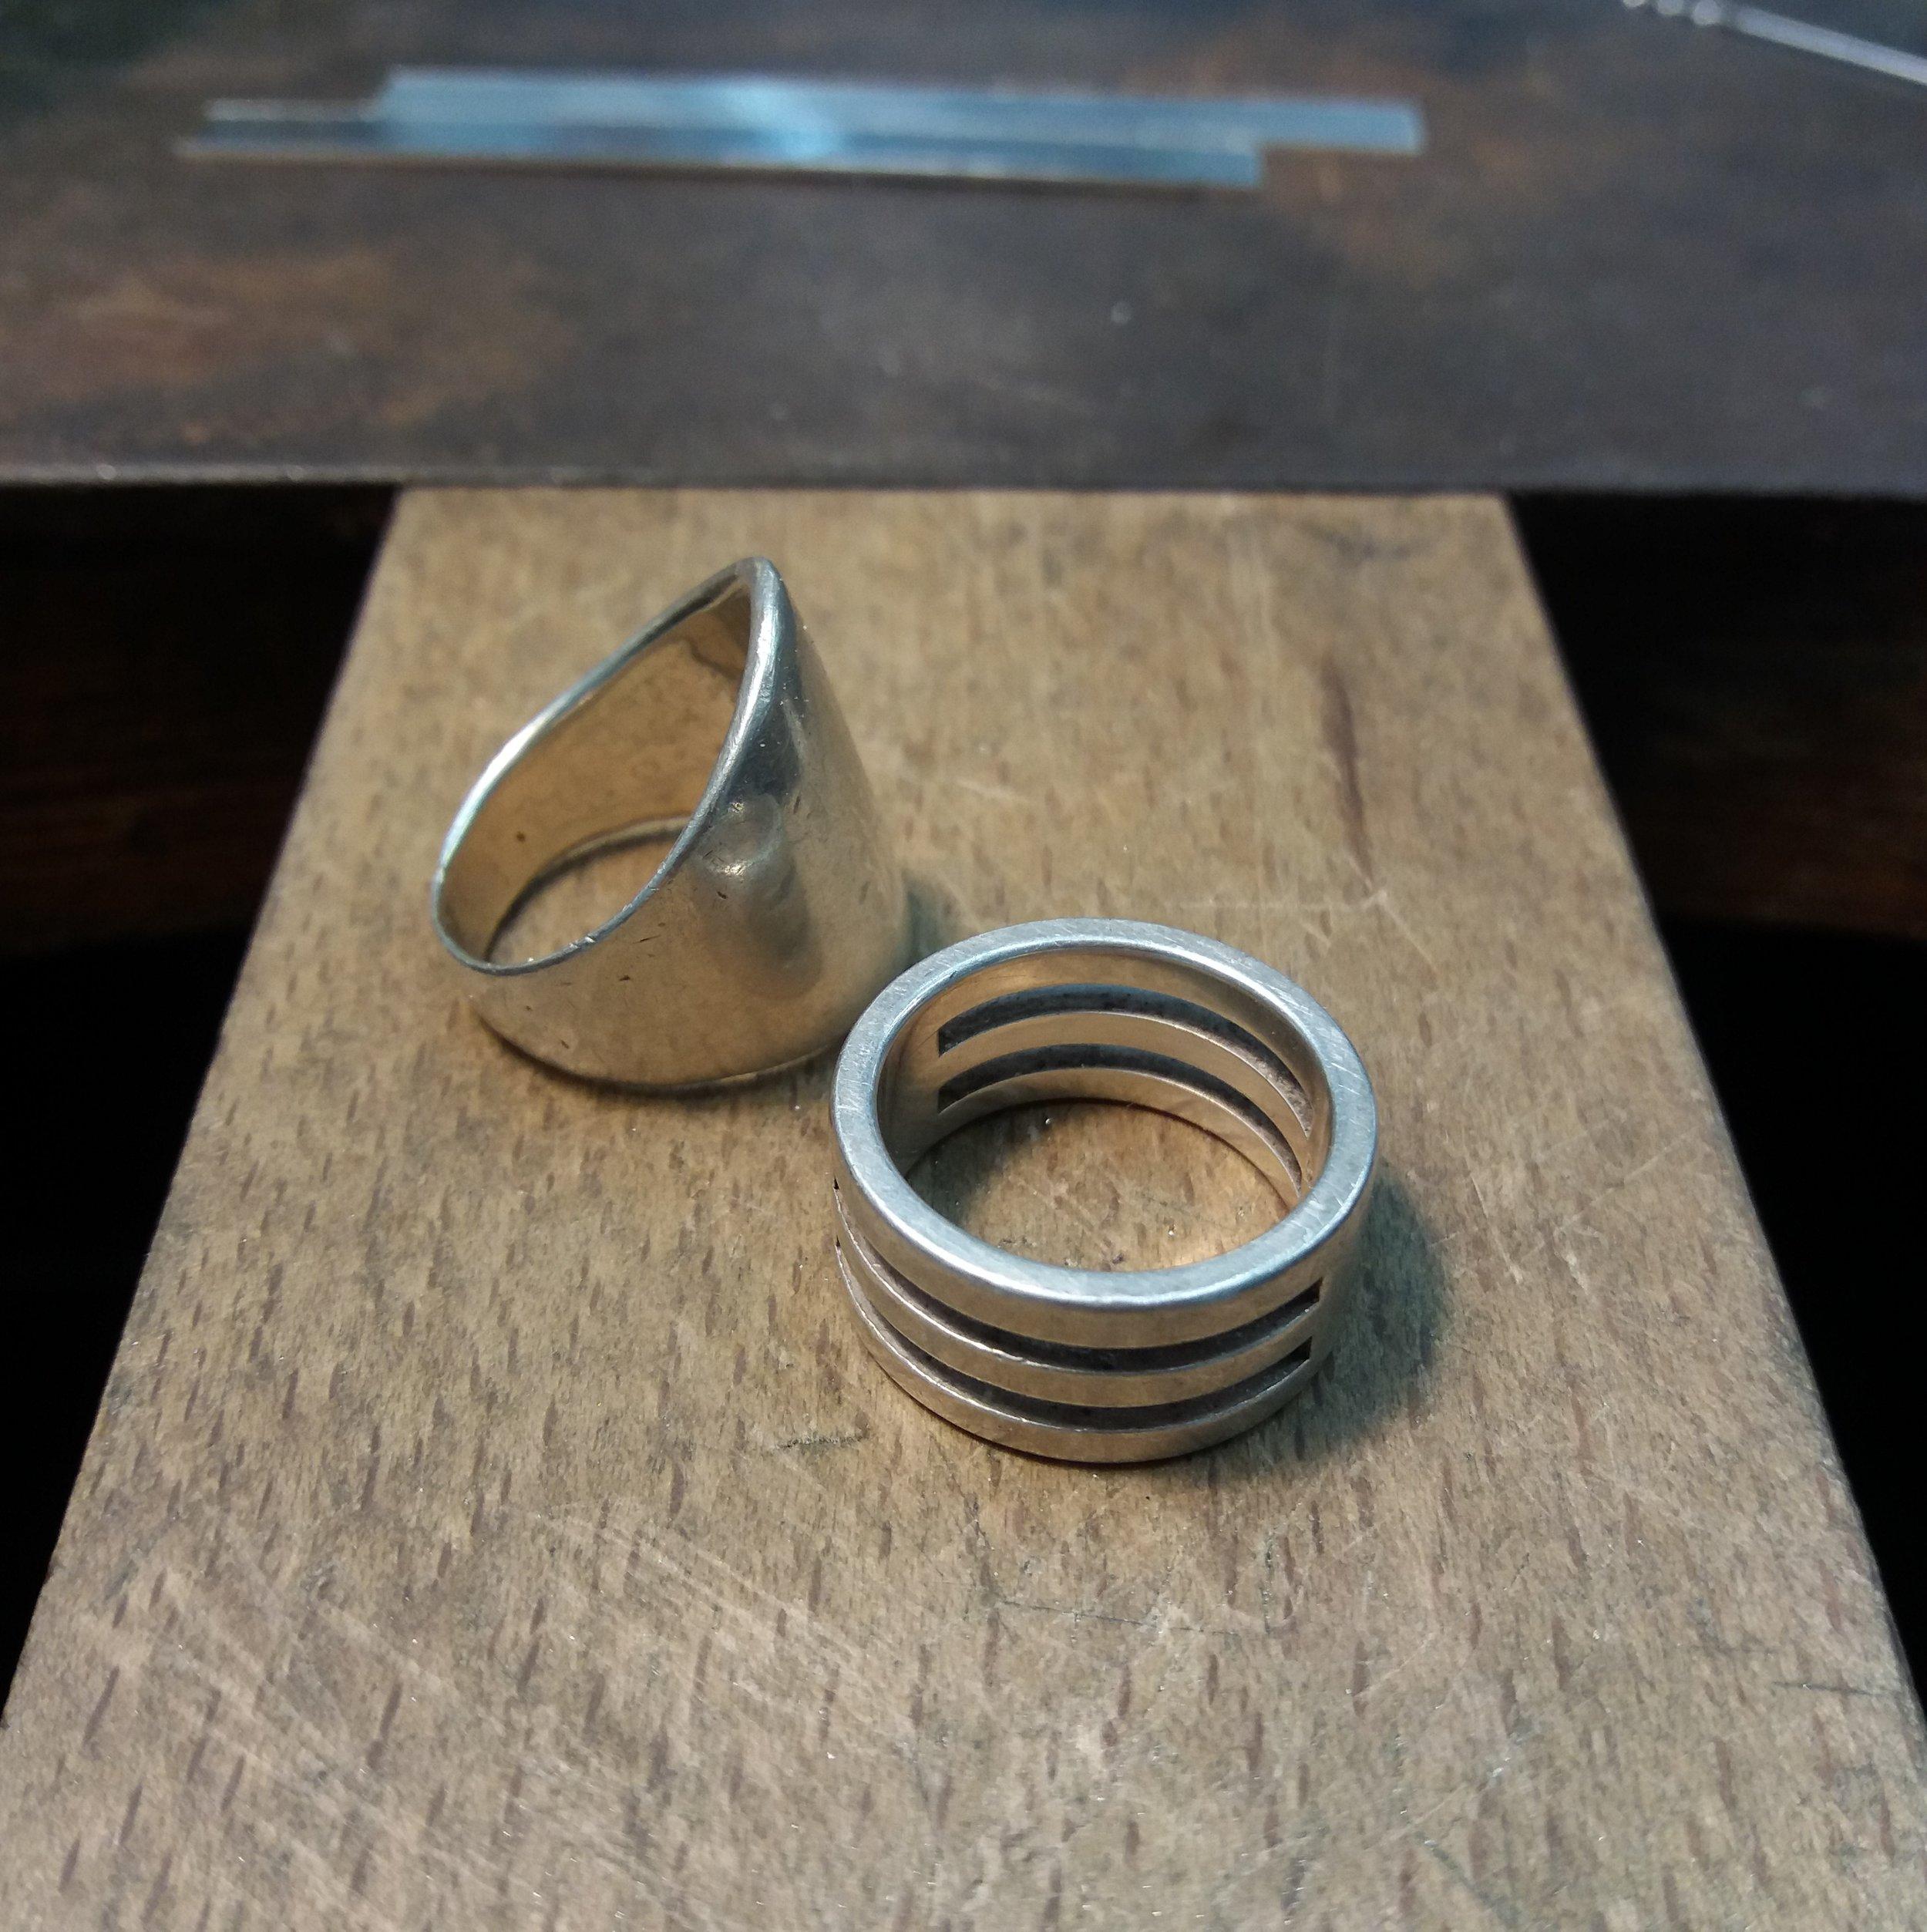 Unworn rings...